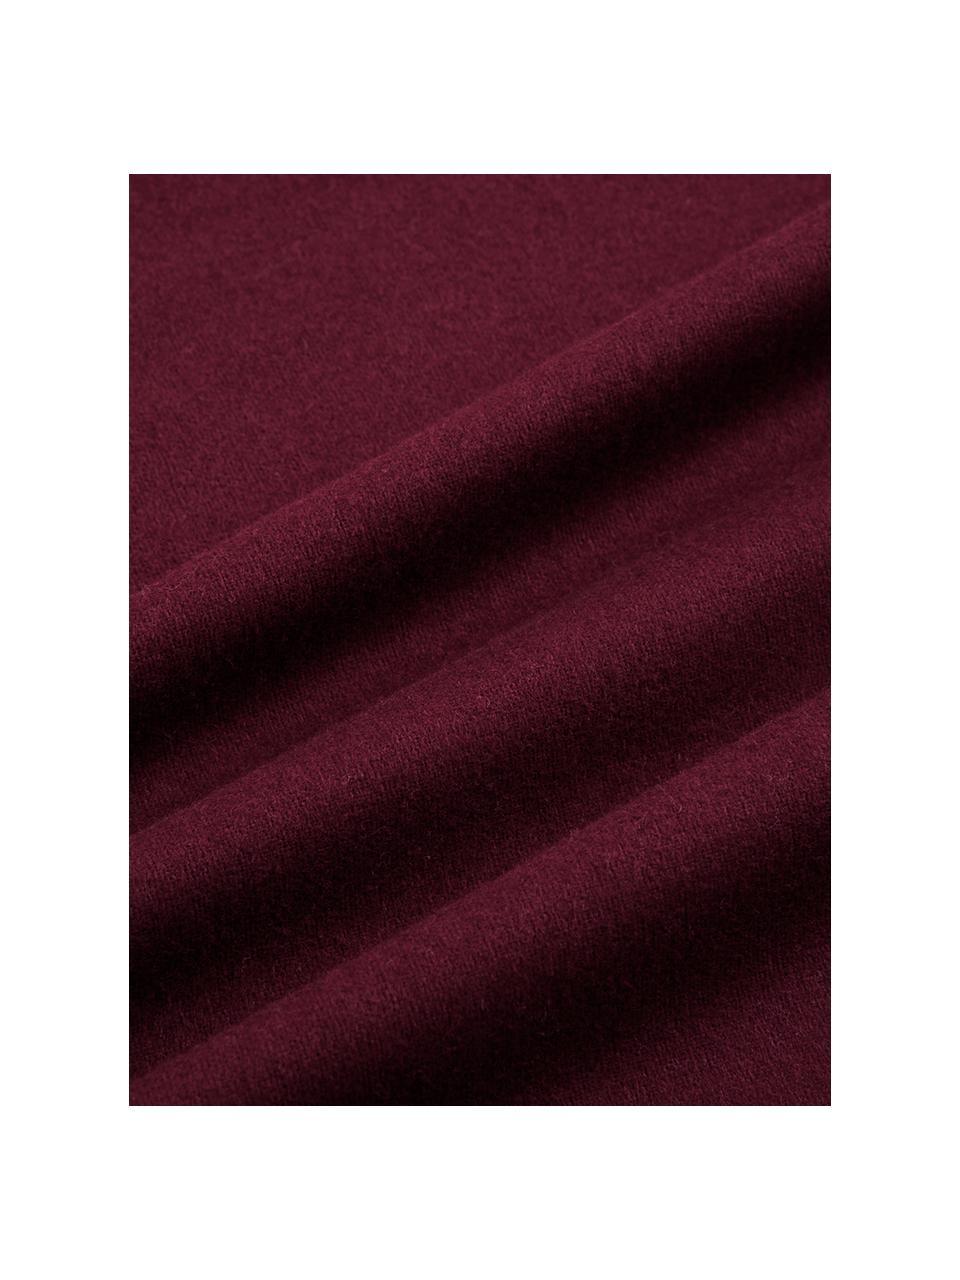 Flanell-Bettwäsche Biba in Dunkelrot, Webart: Flanell Flanell ist ein k, Dunkelrot, 135 x 200 cm + 1 Kissen 80 x 80 cm